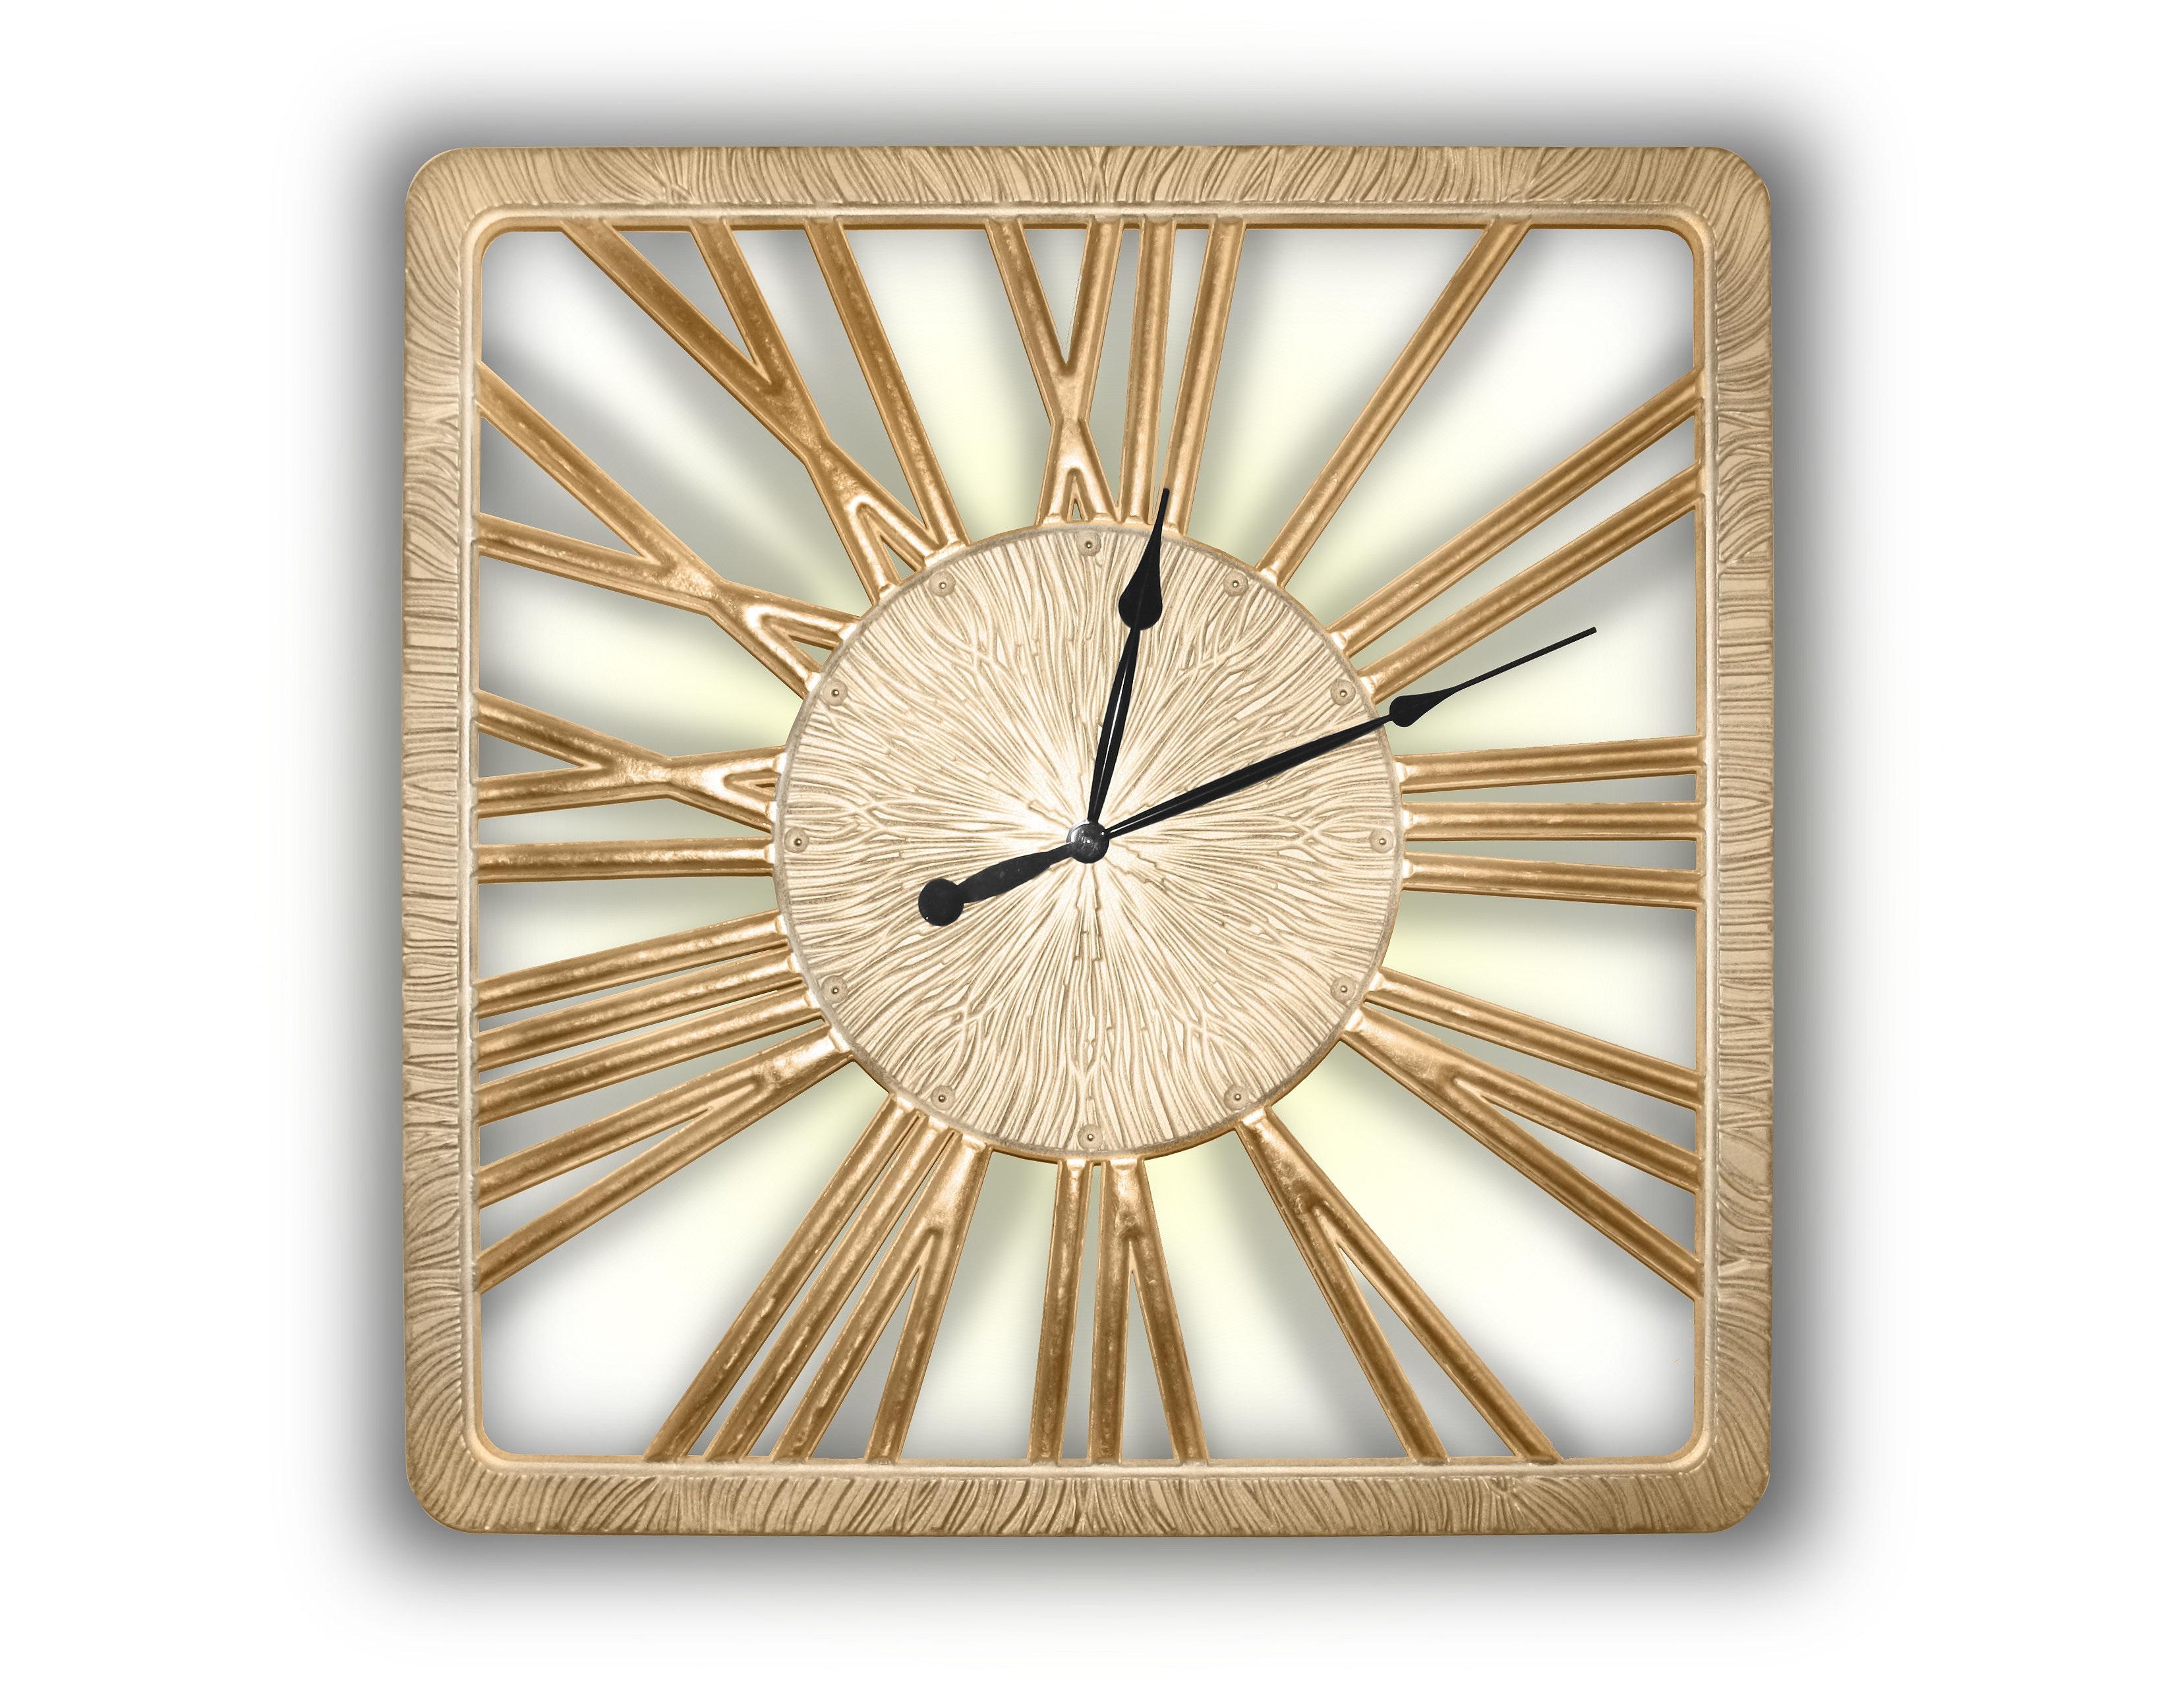 Часы TWINKLE NEWНастенные часы<br>Бег времени непрерывен. Можно ли ощутить, как одна минута переходит в другую? <br>Можно ли предсказать, что открывают нам движущиеся по кругу стрелки часов? <br>Светящиеся прорезные силуэты цифр помогают понять, что лучшее еще впереди. <br>Данный вариант представлен в цвете матовое золото с покрытыми поталью цифрами.&amp;lt;div&amp;gt;&amp;lt;br&amp;gt;&amp;lt;/div&amp;gt;&amp;lt;div&amp;gt;Механизм: Кварцевый&amp;lt;br&amp;gt;&amp;lt;/div&amp;gt;<br><br>Material: Дерево<br>Width см: 90<br>Depth см: 0.8<br>Height см: 90<br>Diameter см: None